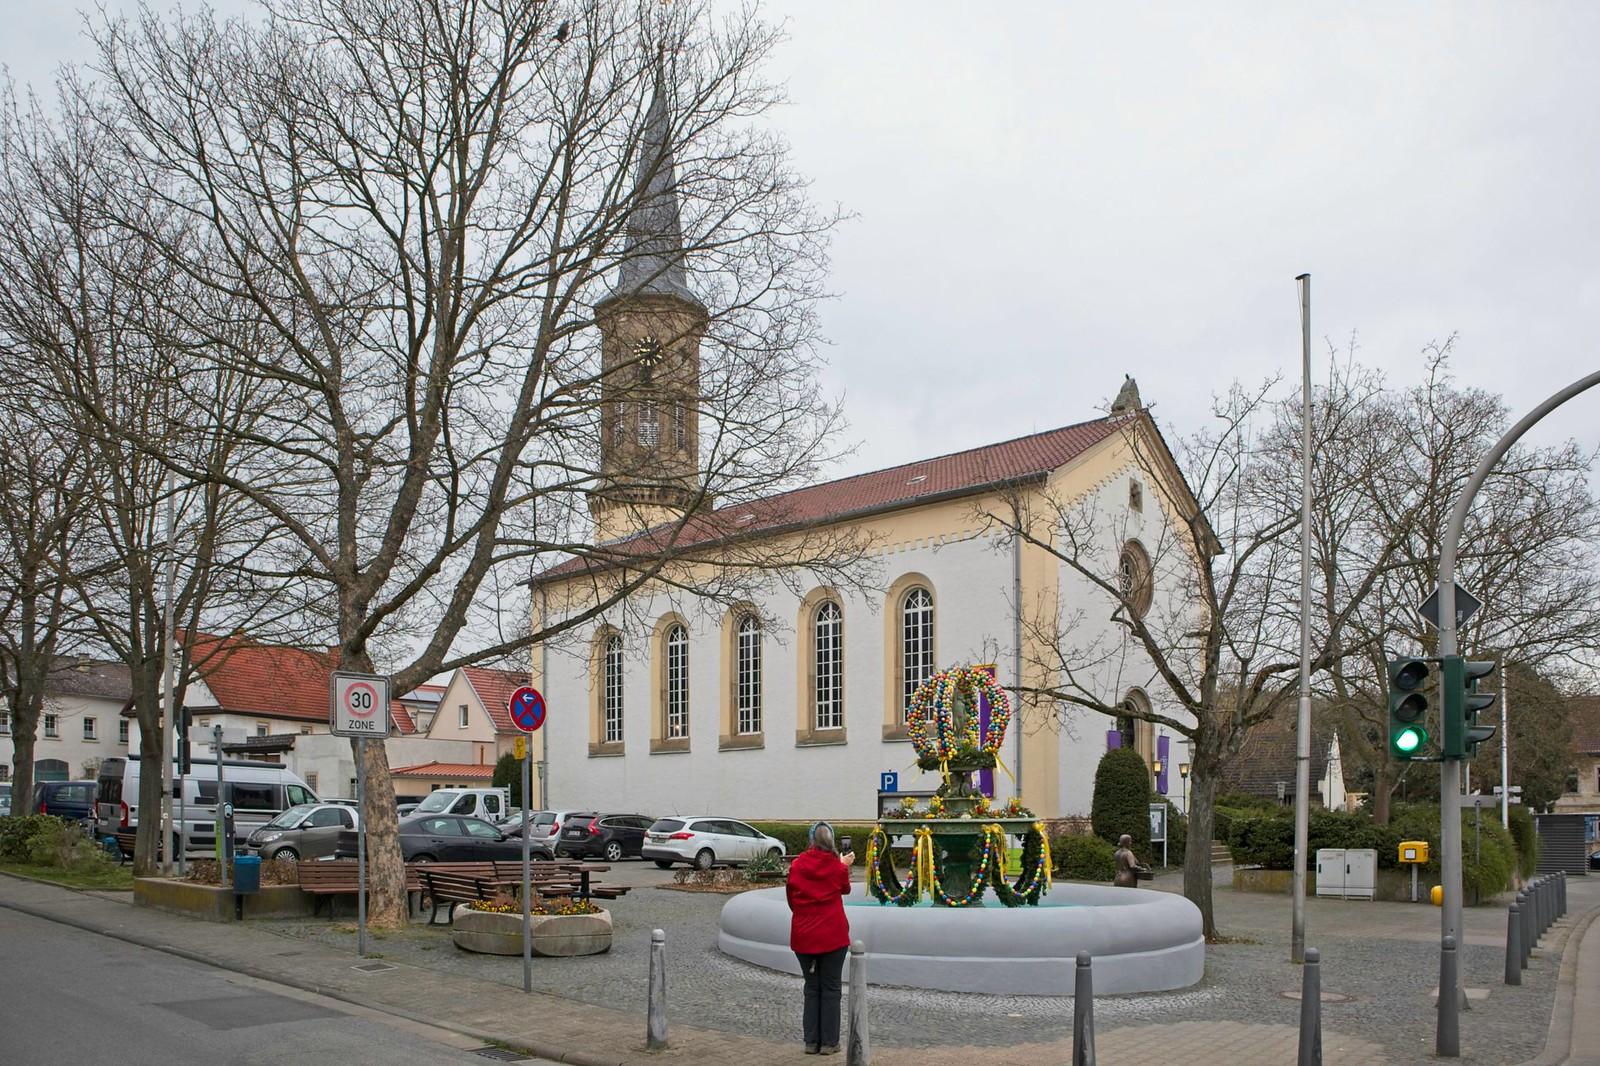 Evangelische Kirche und Osterbrunnen in Schwabenheim an der Selz